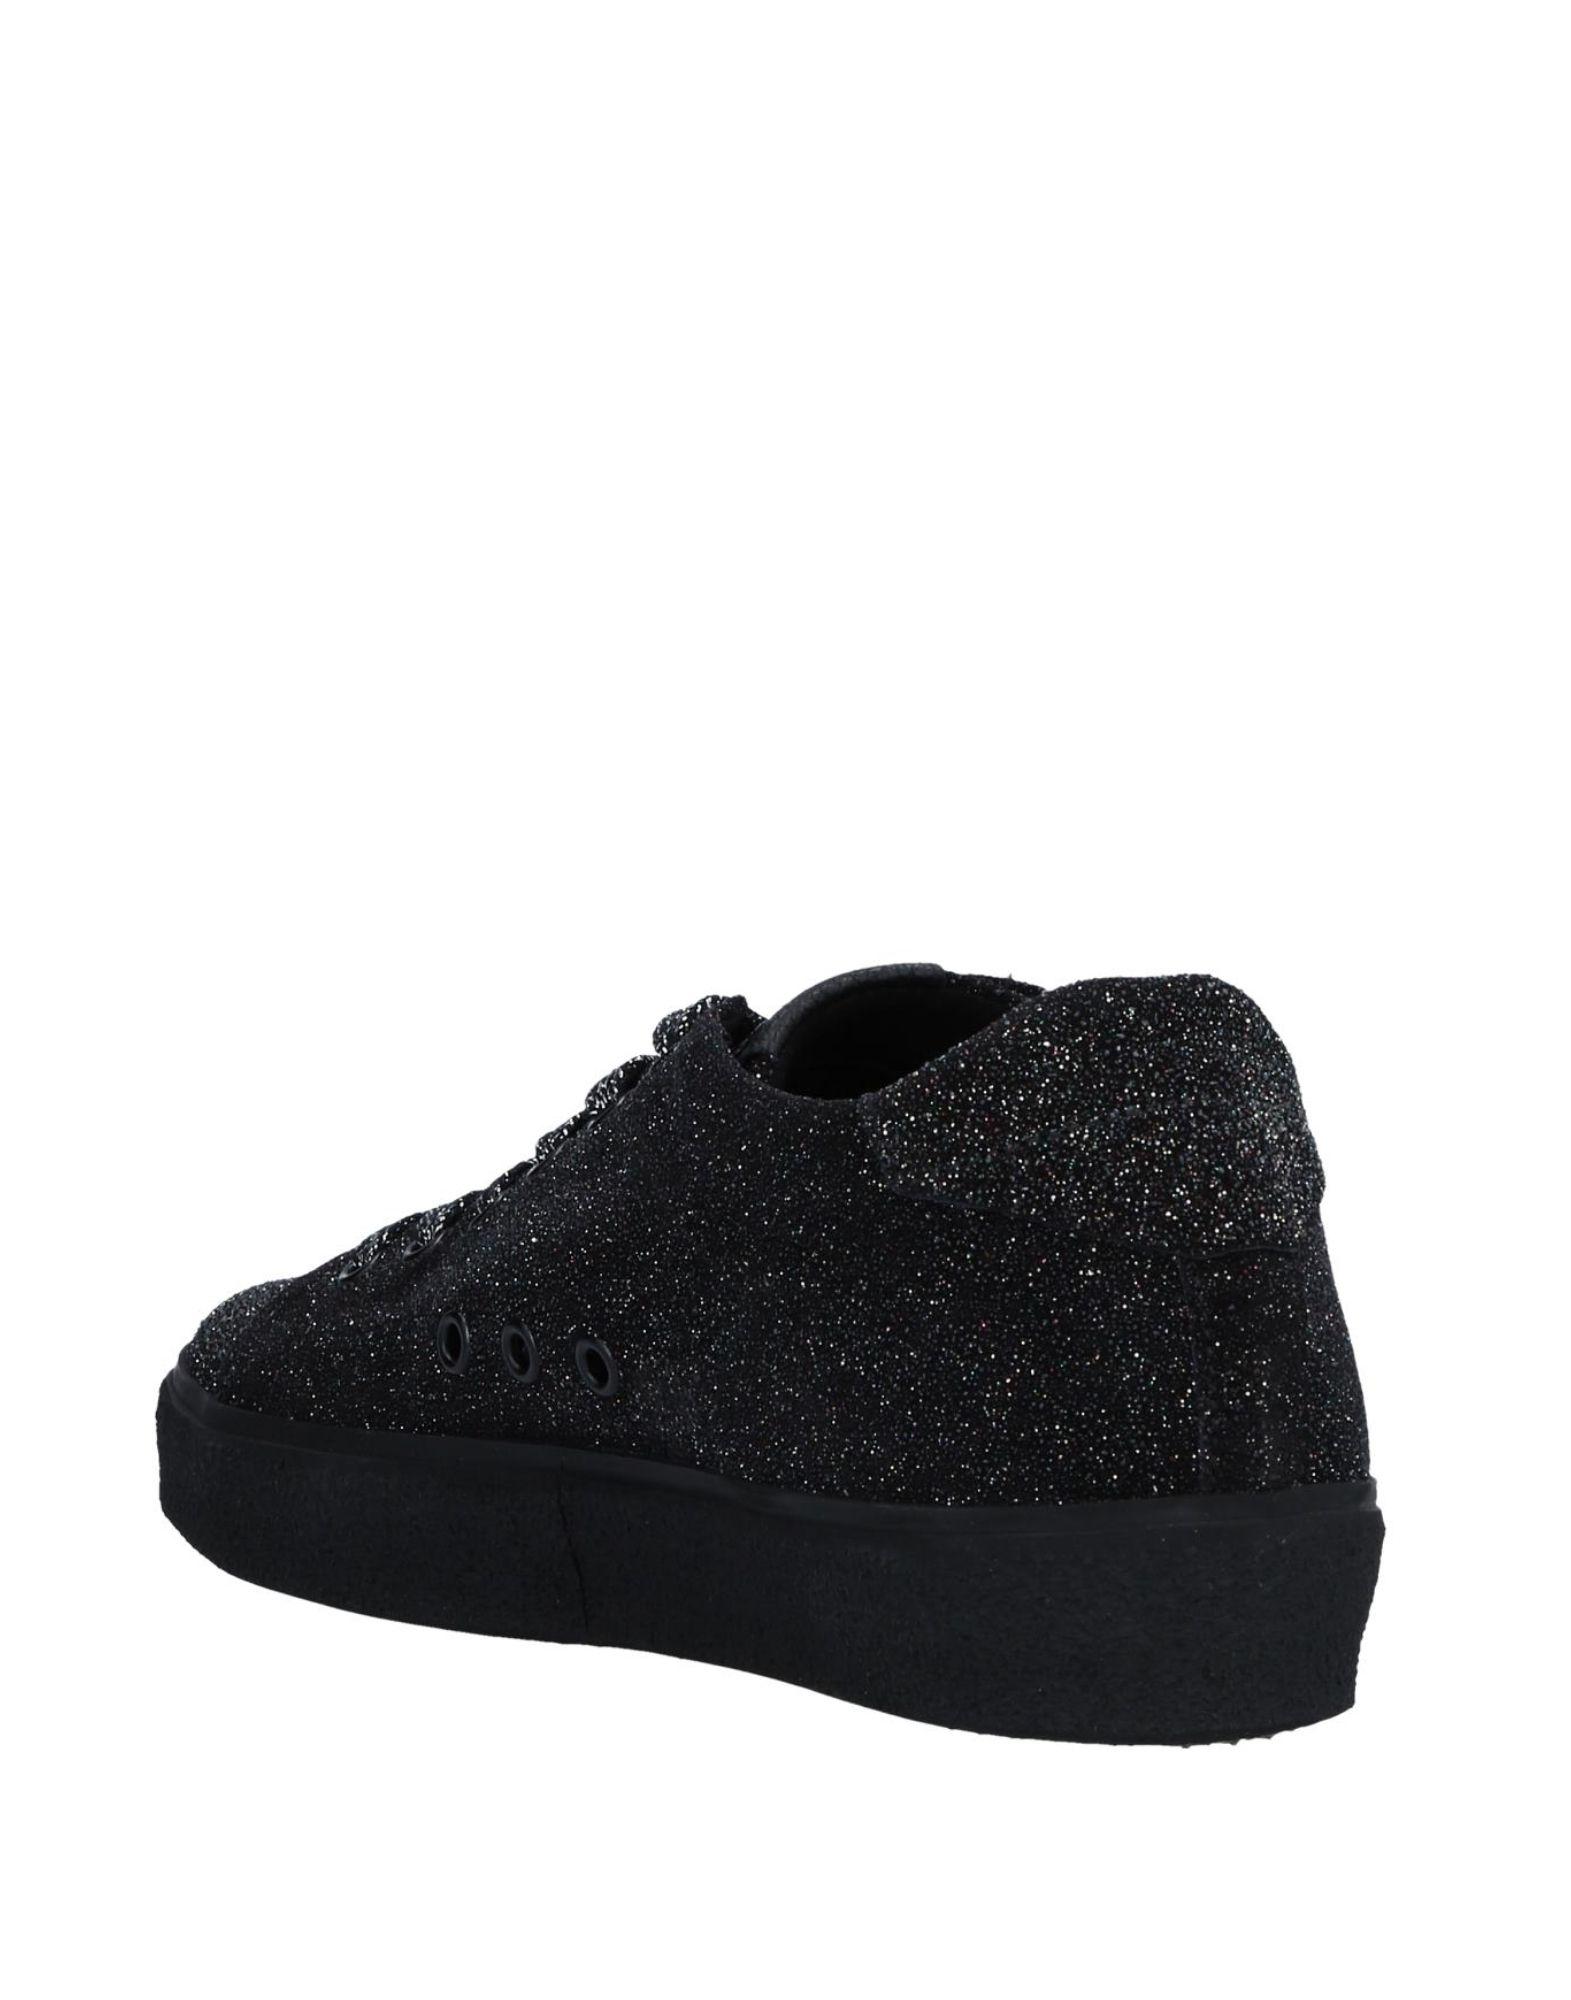 Gut Crown um billige Schuhe zu tragenLeather Crown Gut Sneakers Damen  11533519II 0451ec